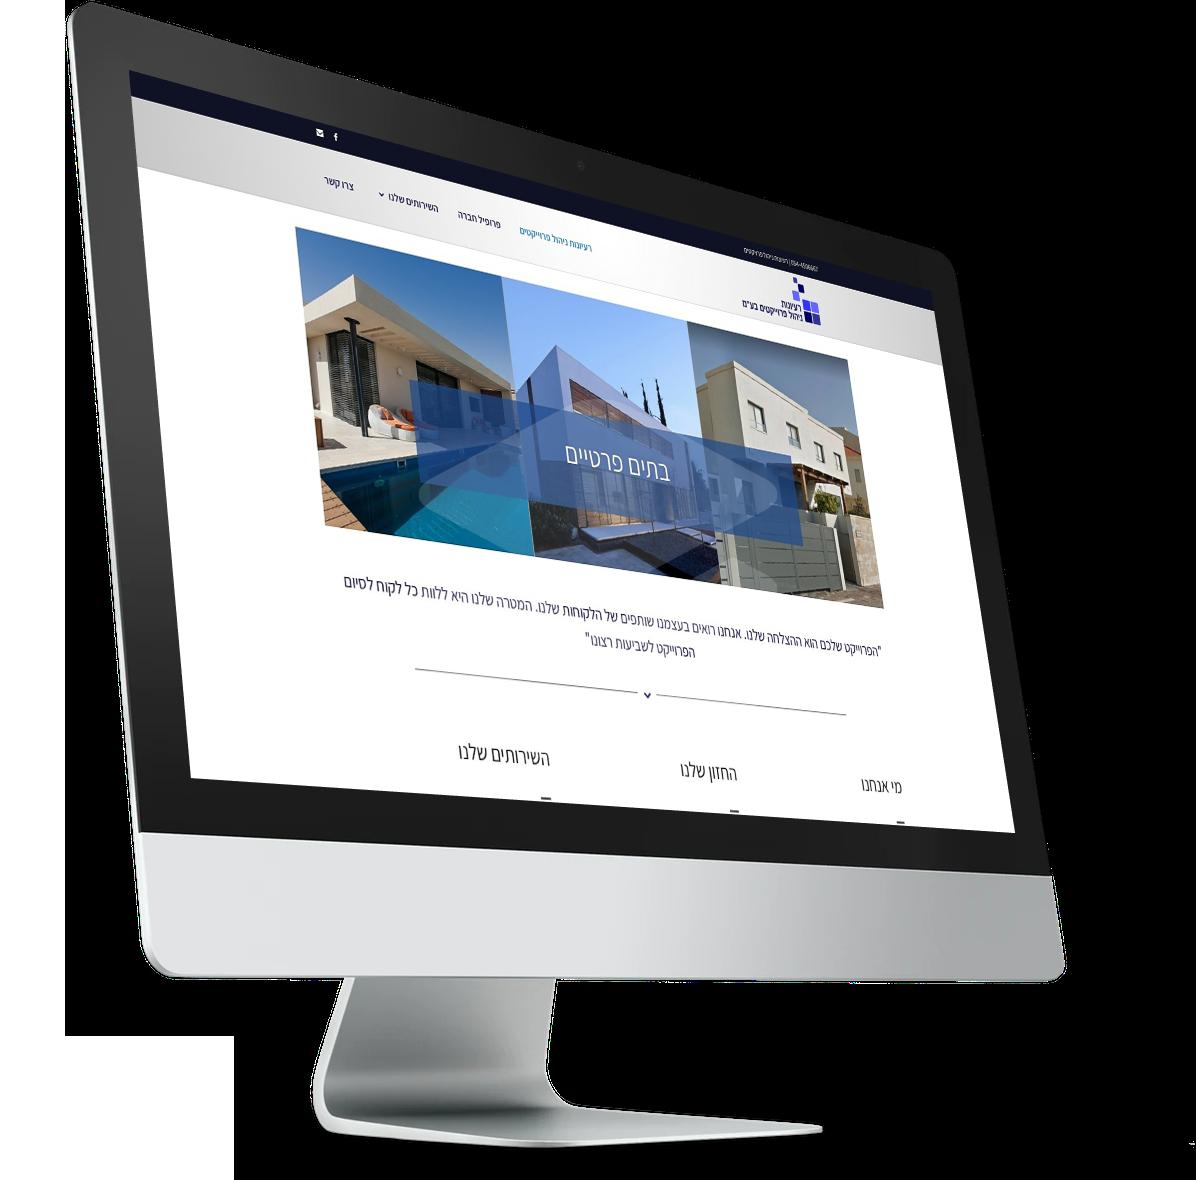 עיצוב ובניית אתר תדמית עבור חברת רעיונות ניהול פרוייקטים בבנייה